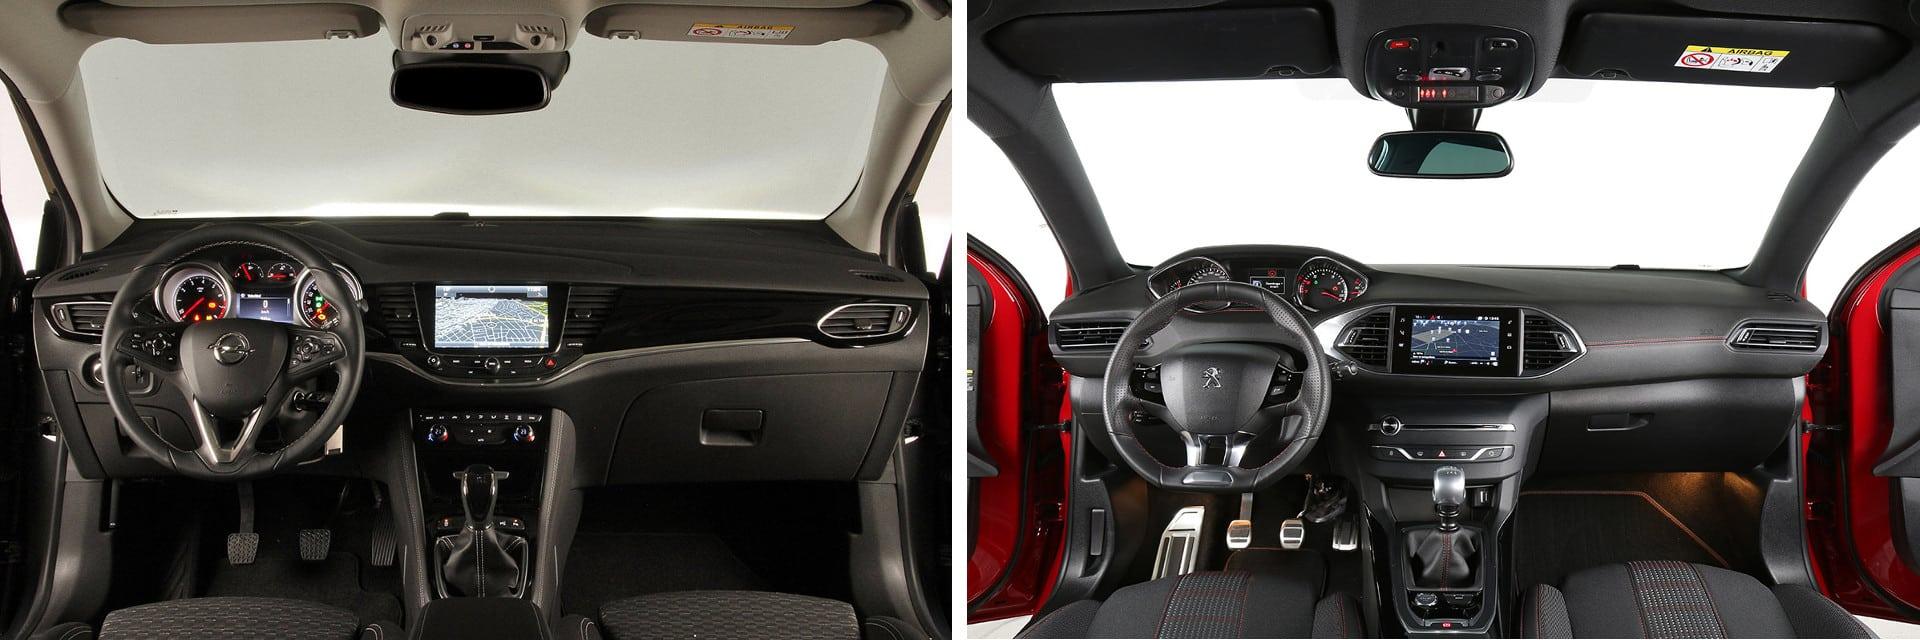 Es aconsejable probar el puesto de conducción del Peugeot 308 (dcha.) debido a las pocas opciones de ajustes.